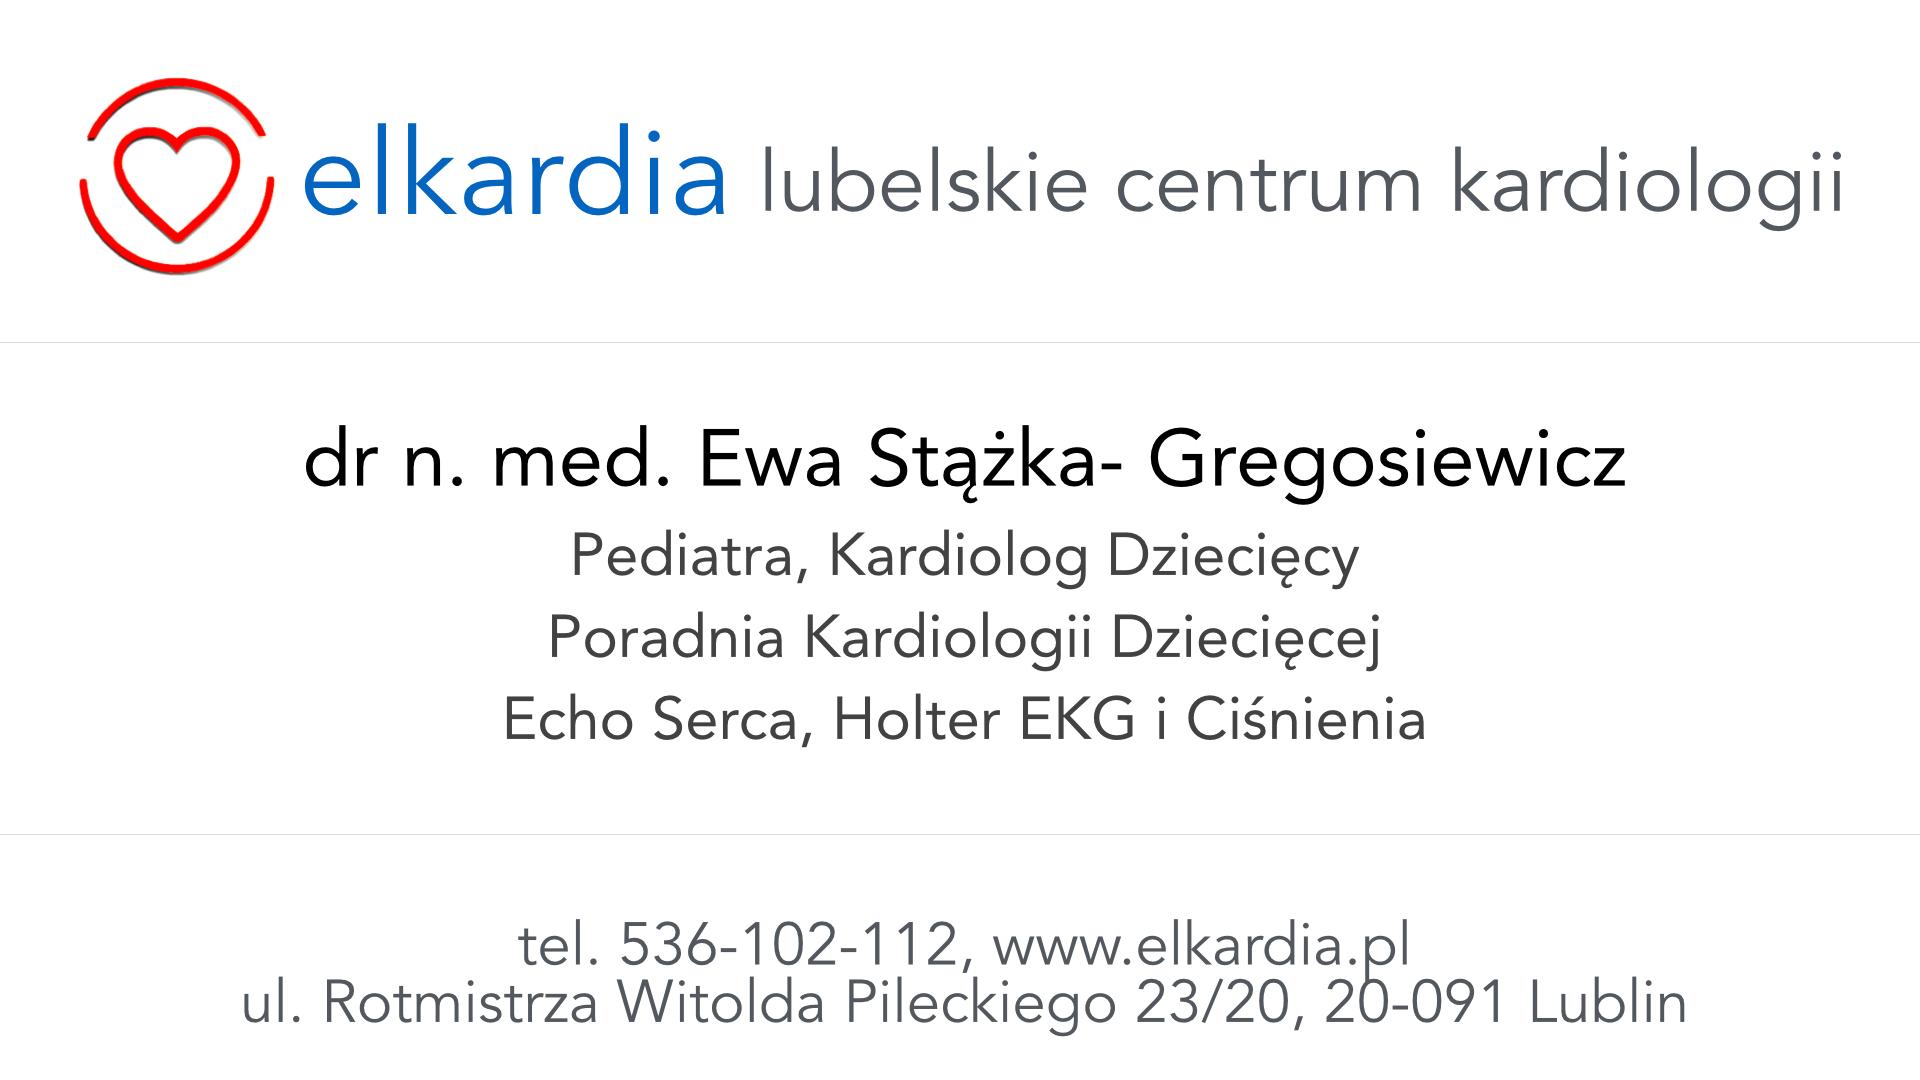 Dr Ewa Stążka-Gregosiewicz| Kardiolog Dziecięcy w Lublinie|